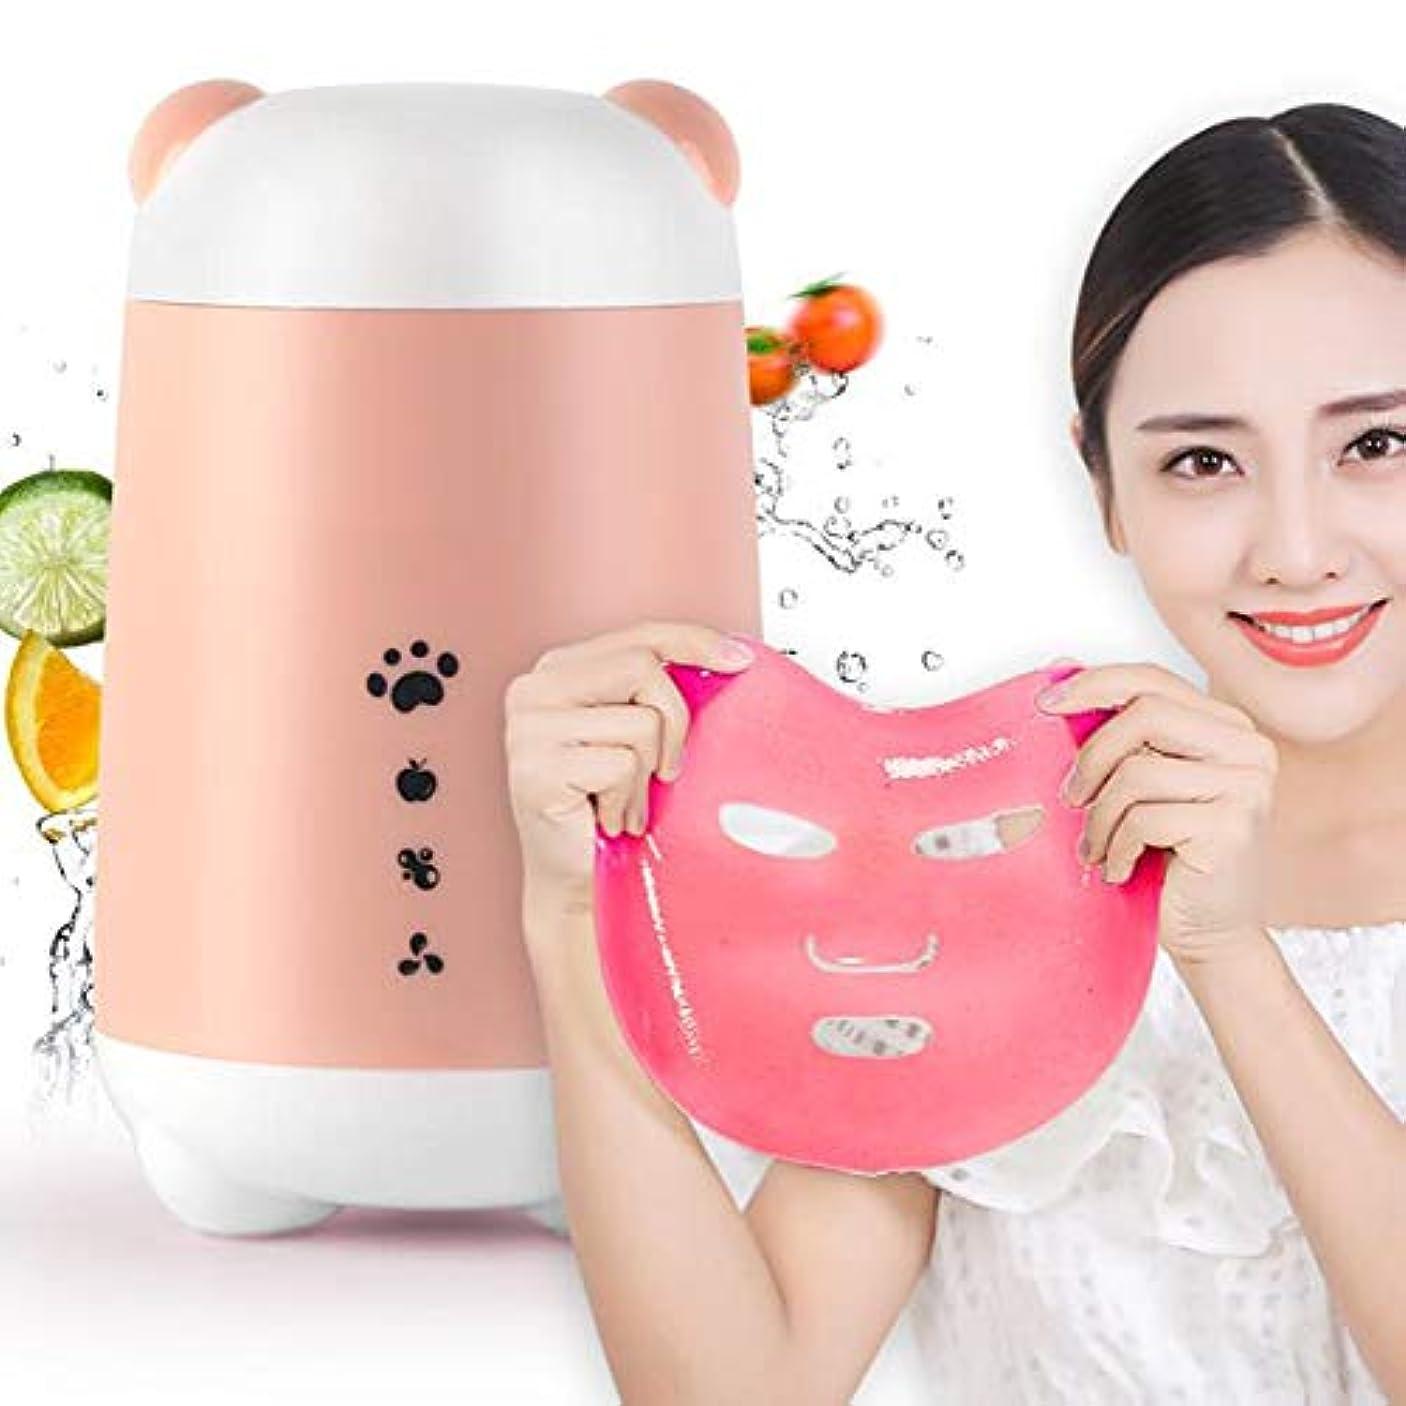 手当できない懲らしめフルーツと野菜のマスクを作るマシン、顔のスチーマー完全自動音声プロンプトDIY自家製の自然美容機器,Pink